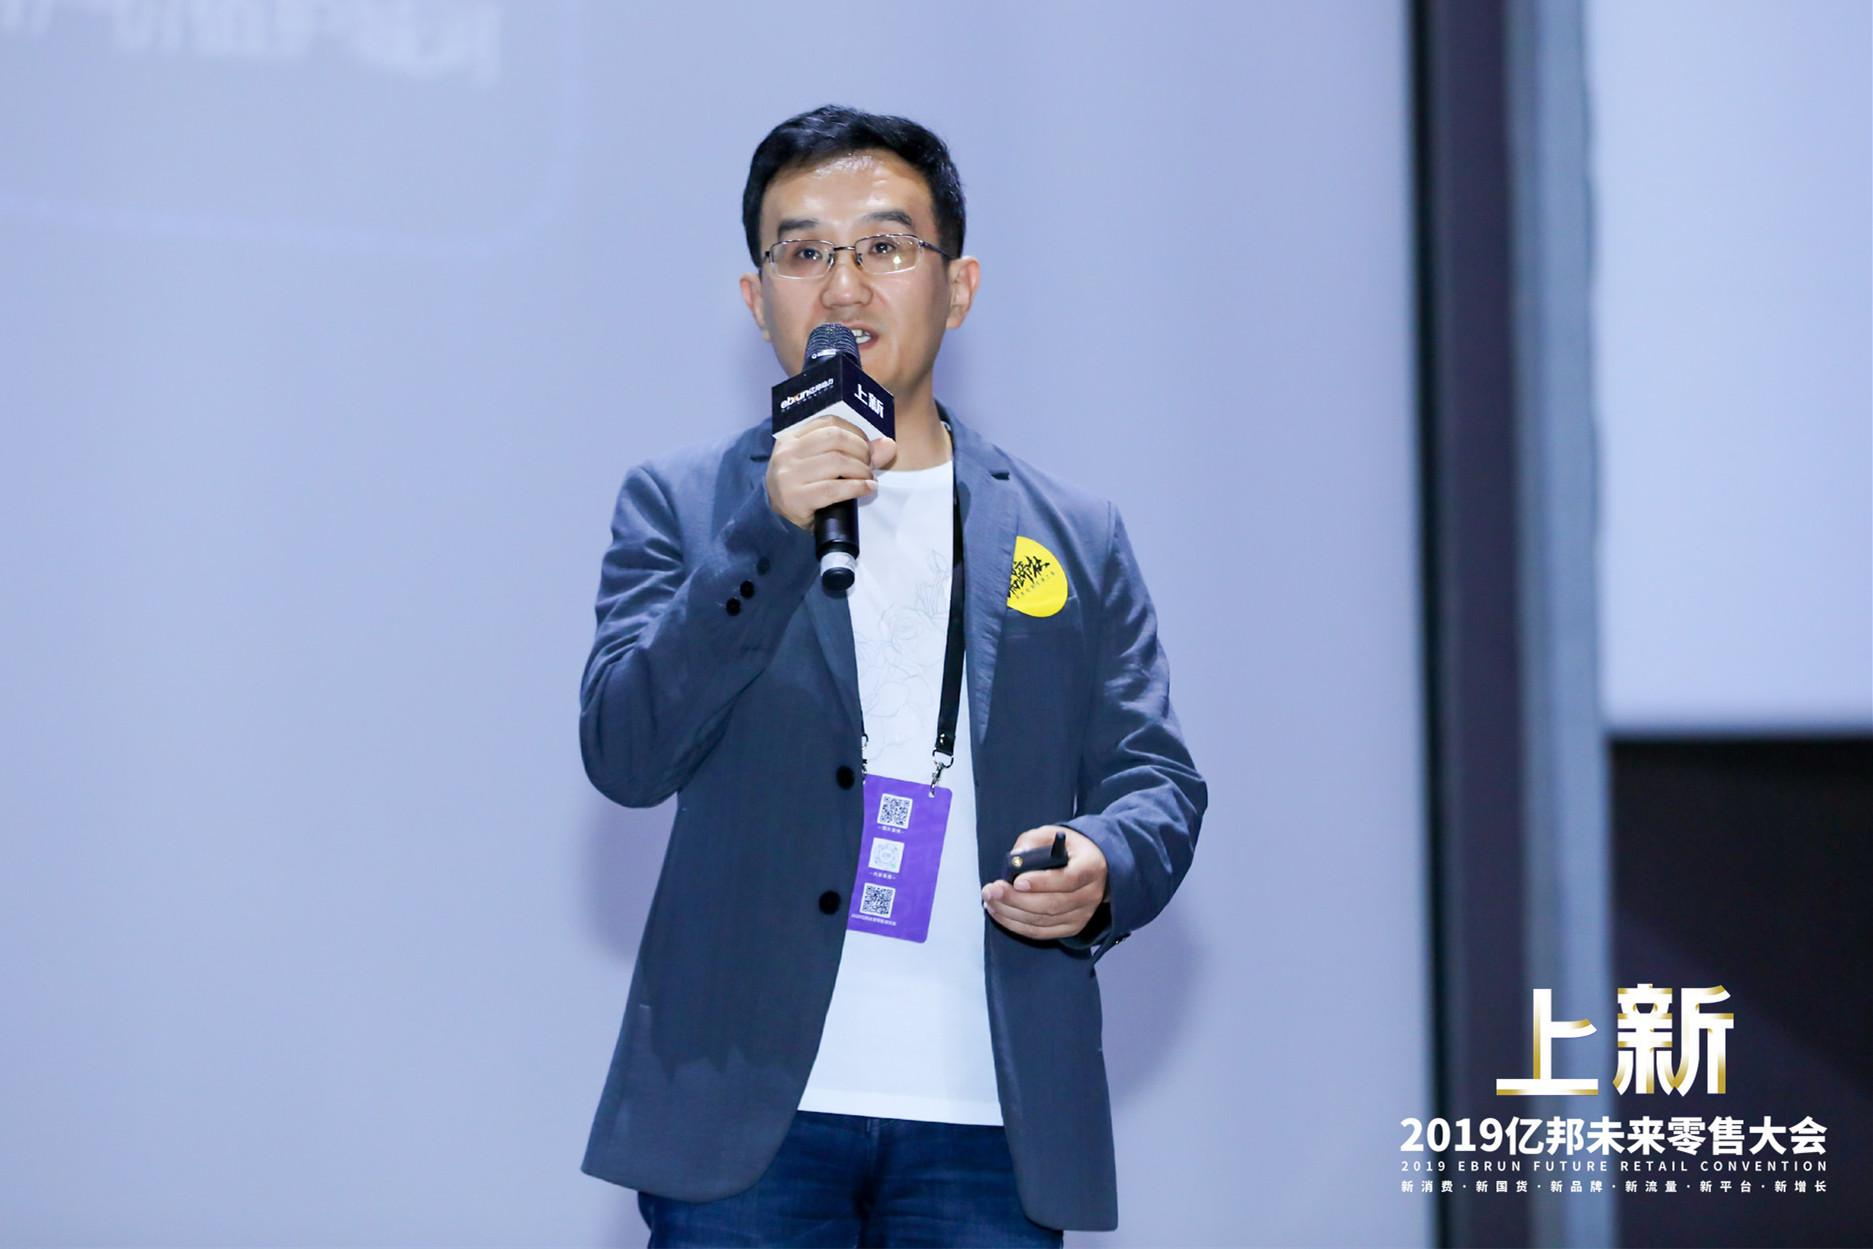 慧博科技CEO王利军:如何通过会员运营整合私域流量